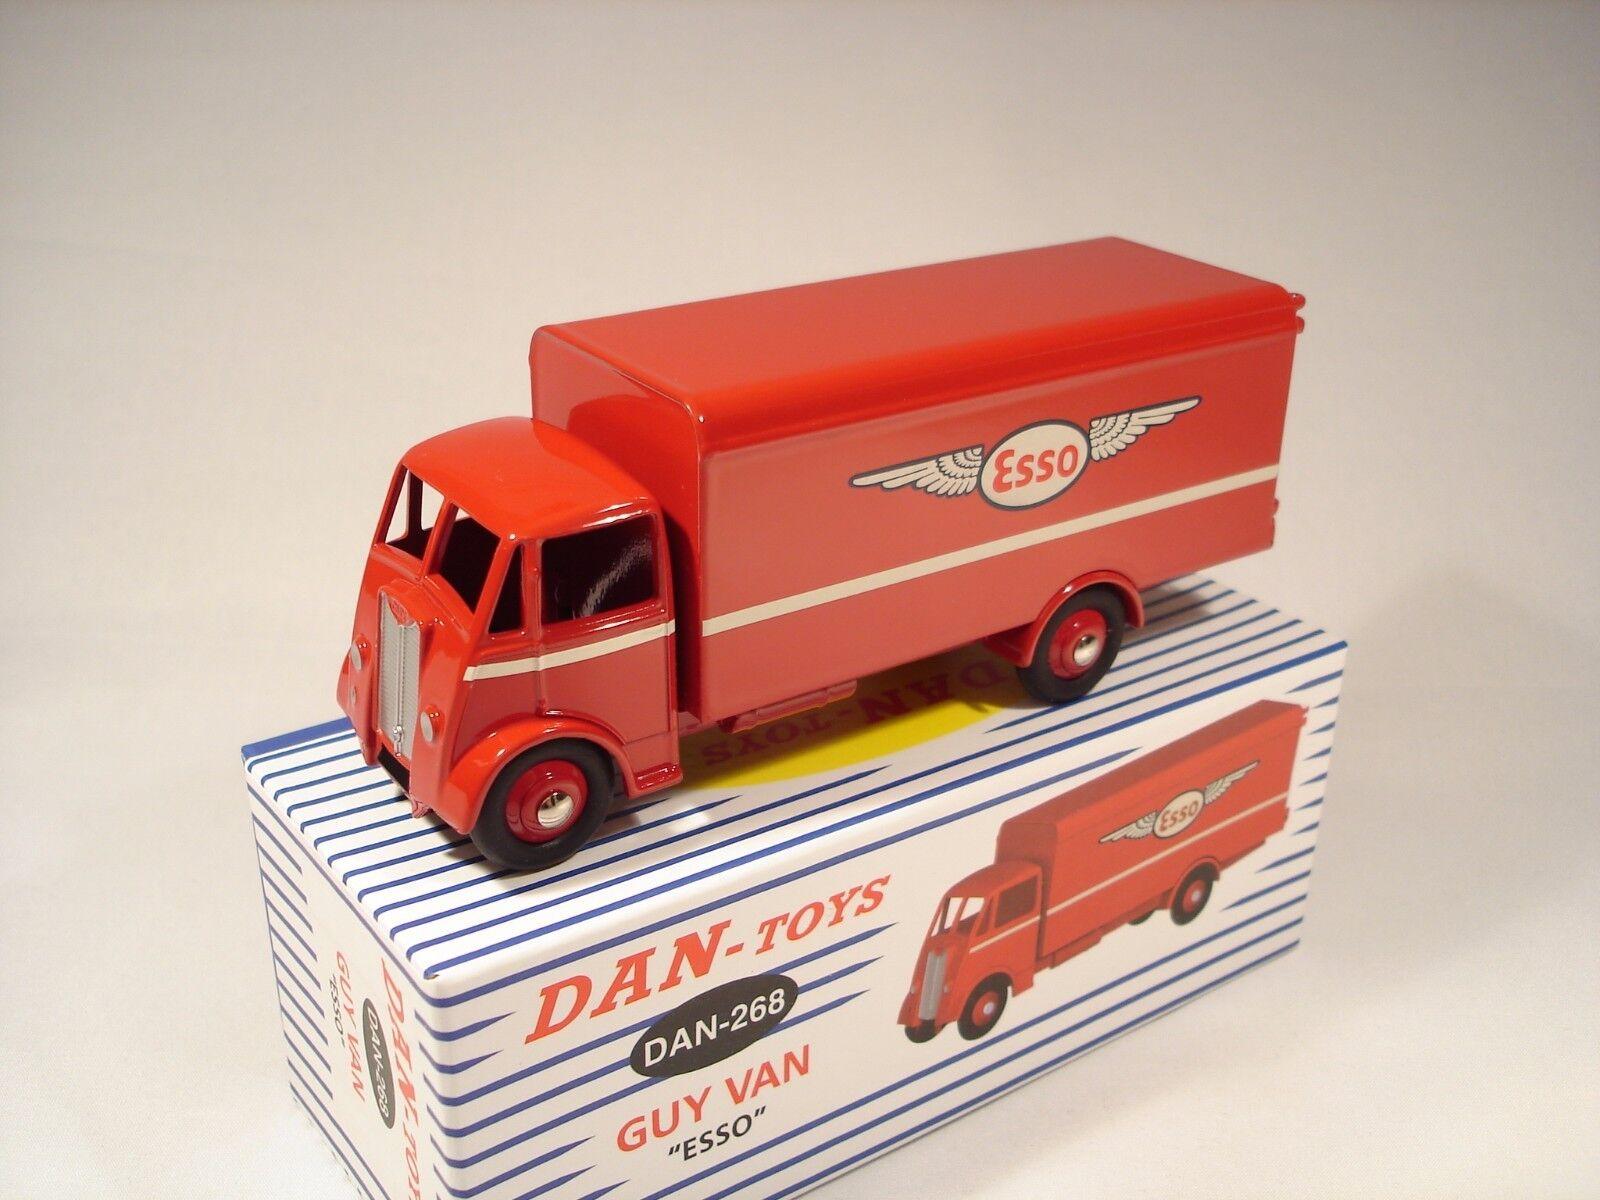 DAN TOYS  Guy Van Esso (Exclusivité Ex.DAN Dan-Toys, Série de 500 Ex.DAN (Exclusivité 268 521ad9